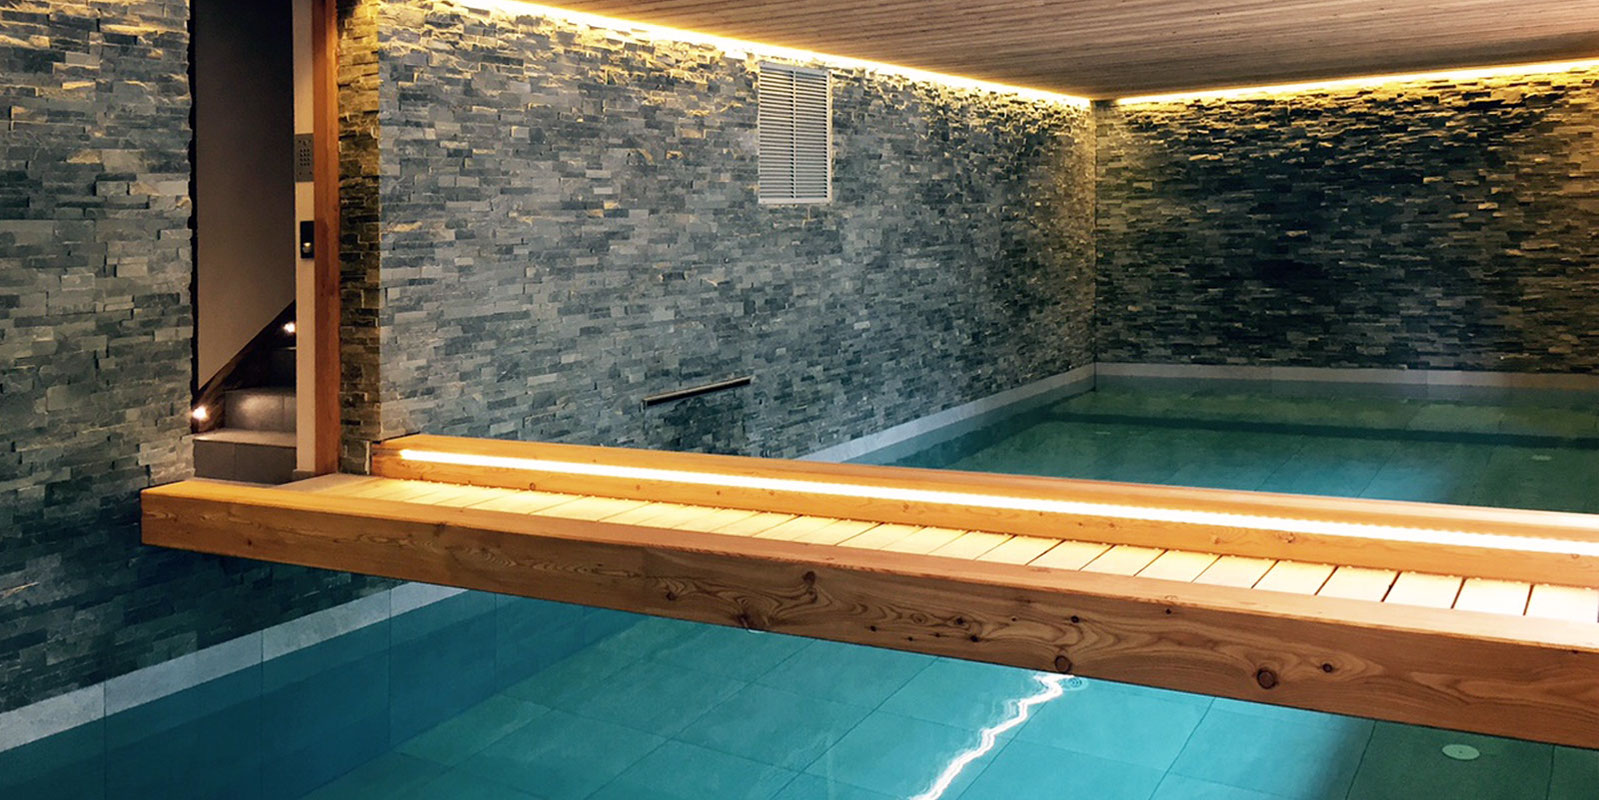 Architecte la clusaz haute savoie denis goy for Construction piscine haute savoie